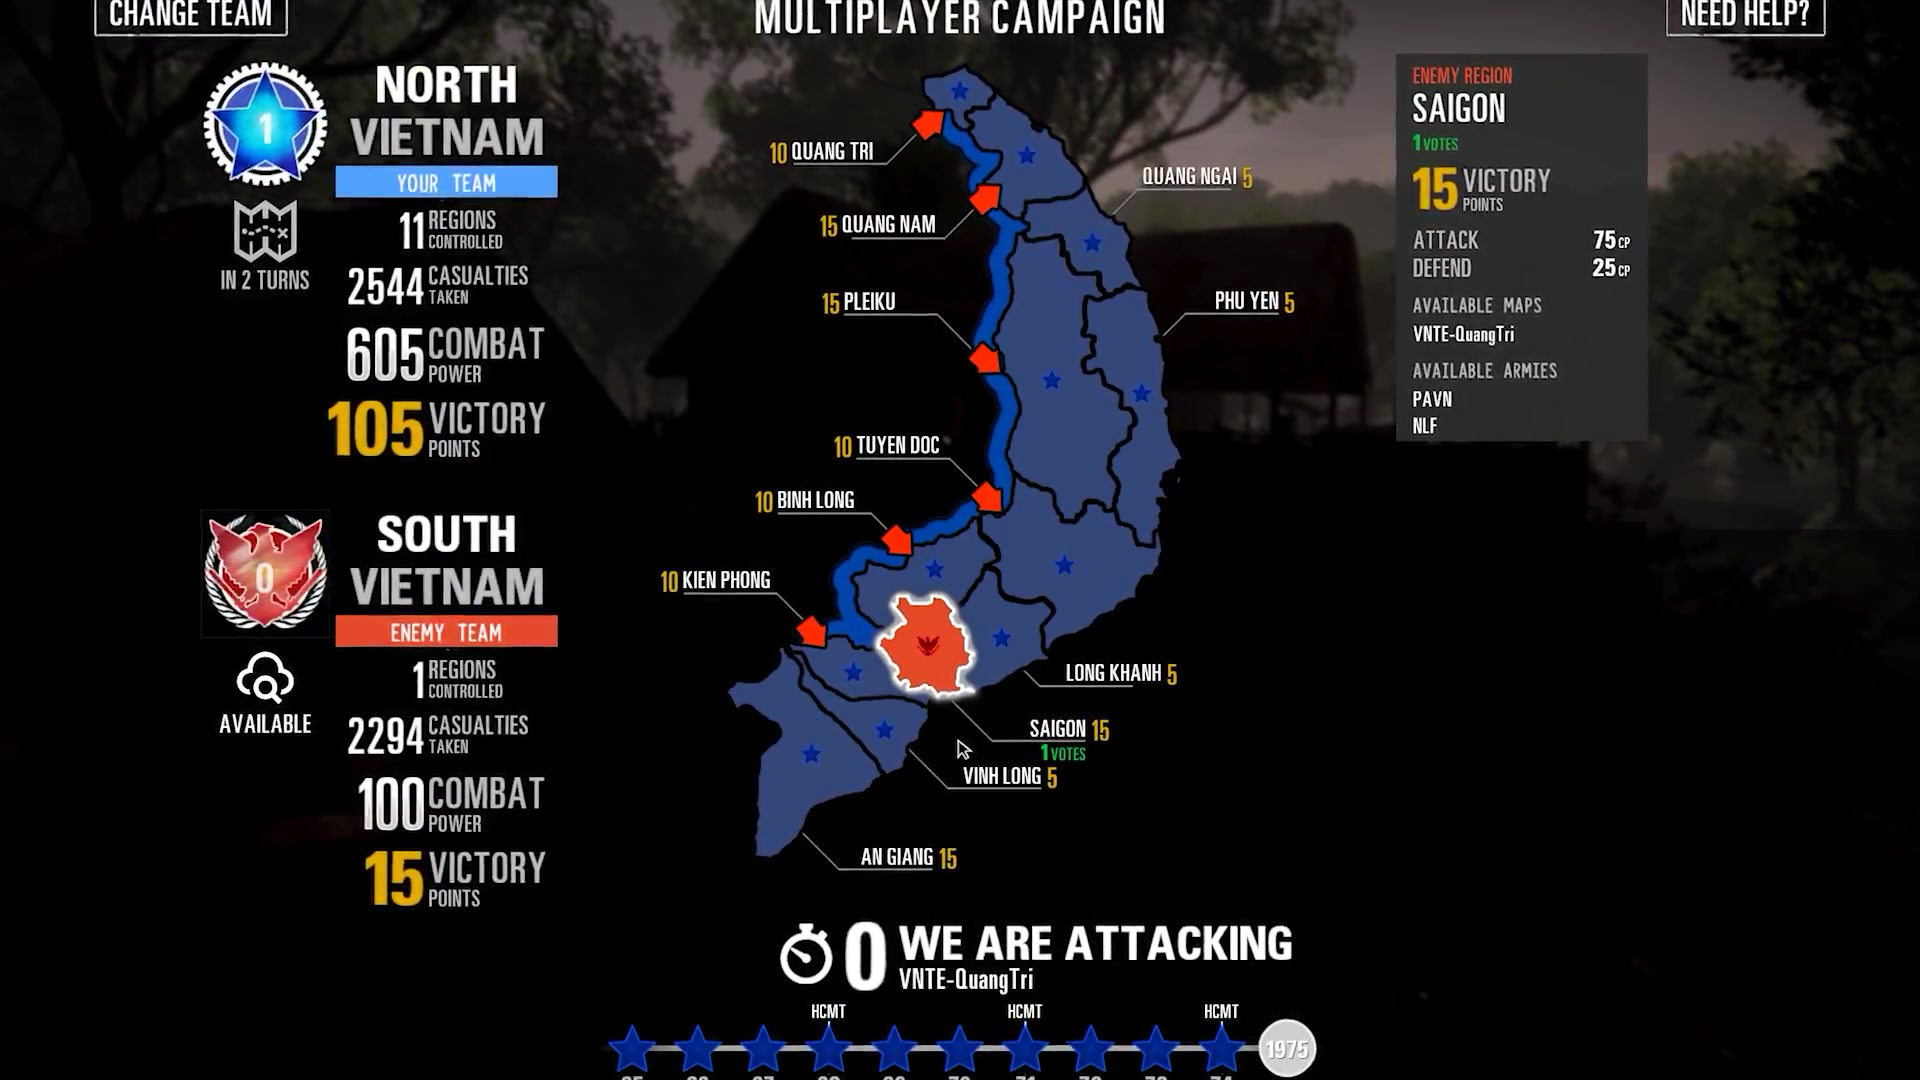 《风起云涌2:越南》 增加多人游戏战役 支持64名玩家